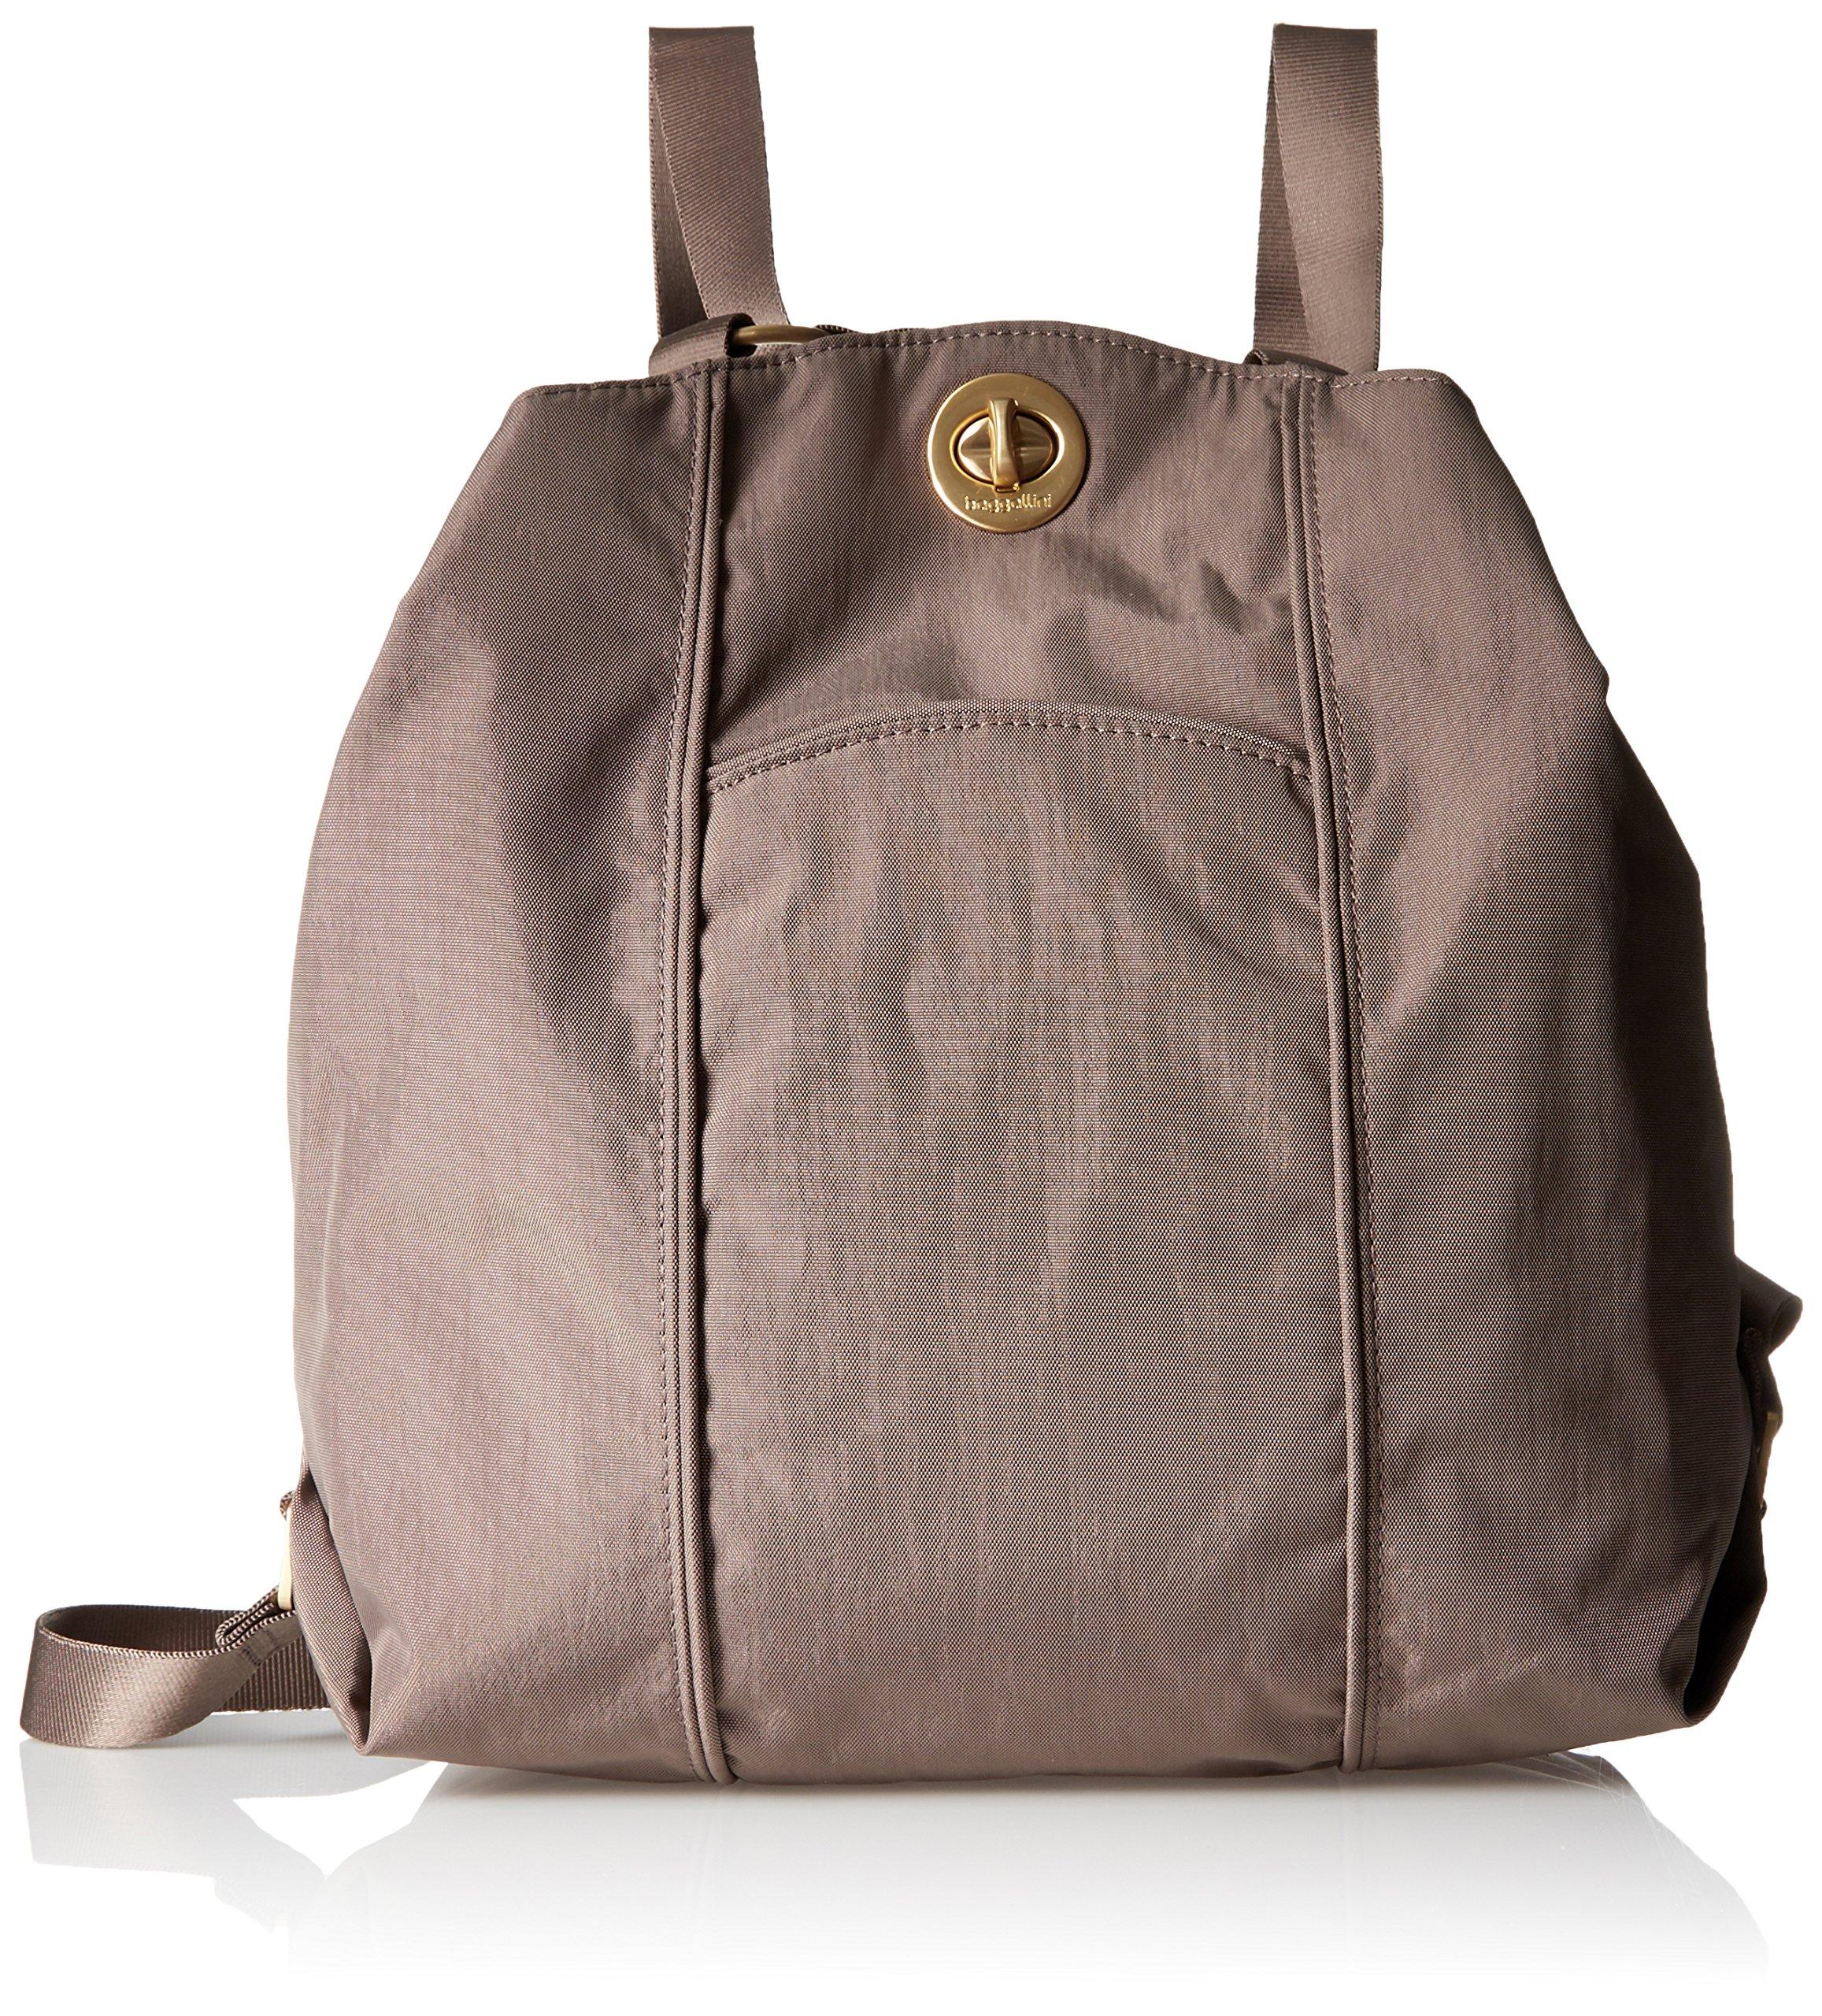 Baggallini Gold International Mendoza POT Back pack, Portobello, One Size